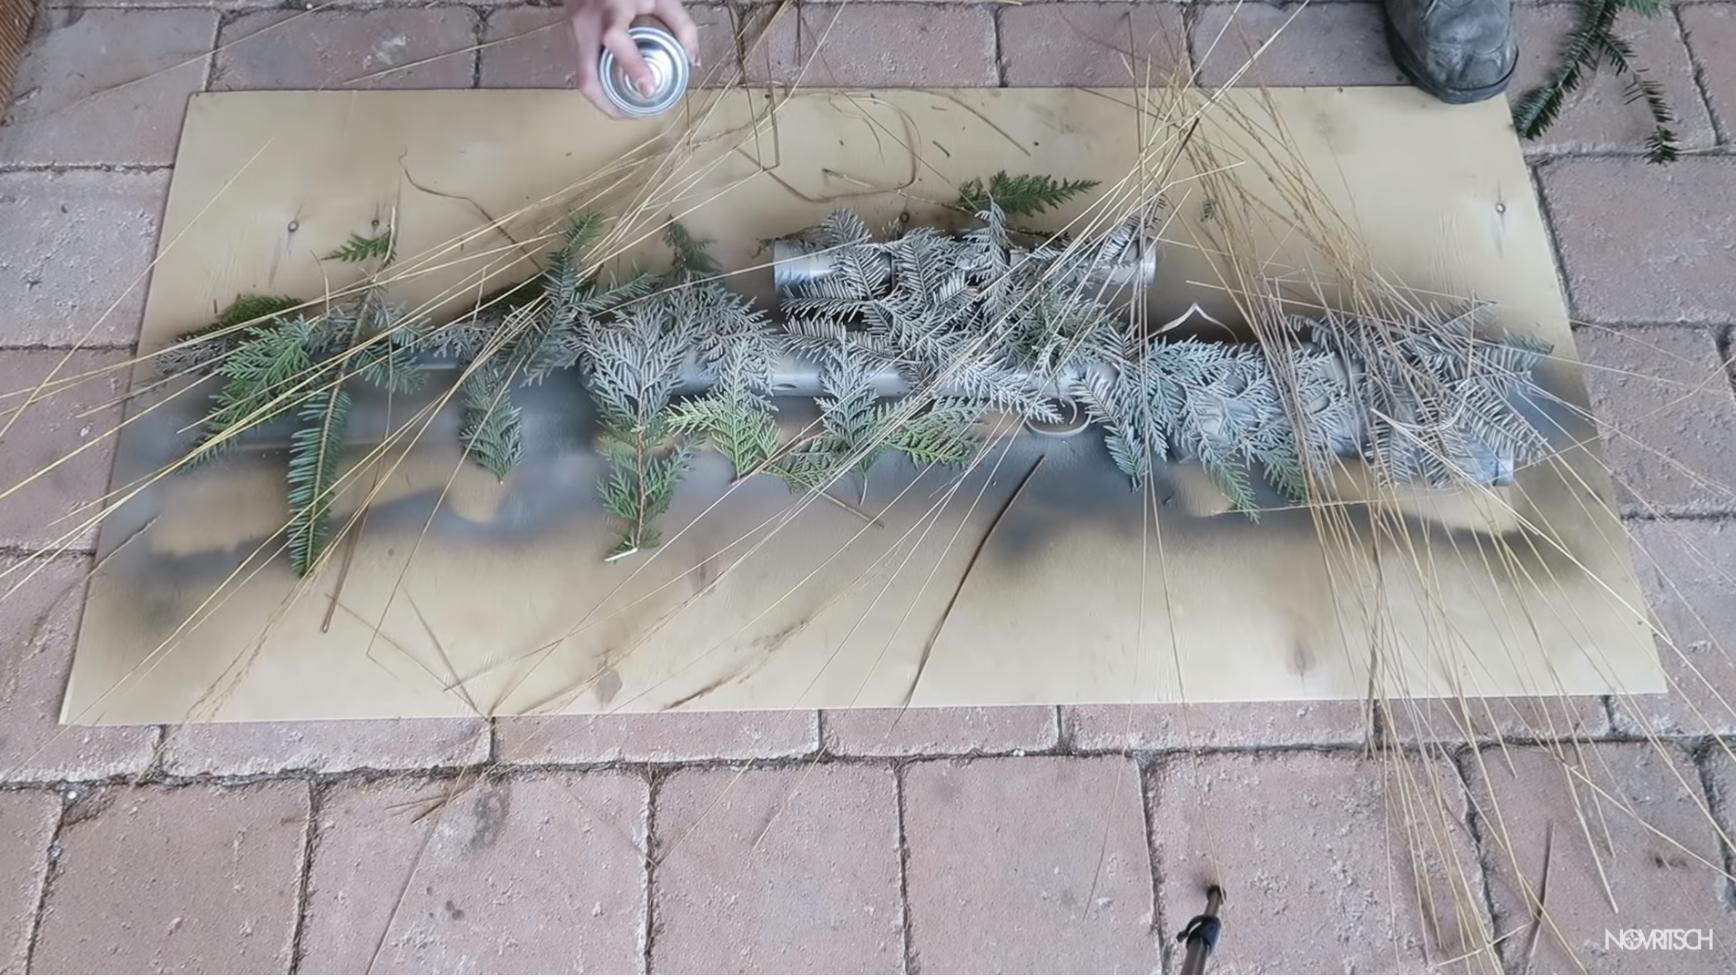 custom spray paint job w/ foliage